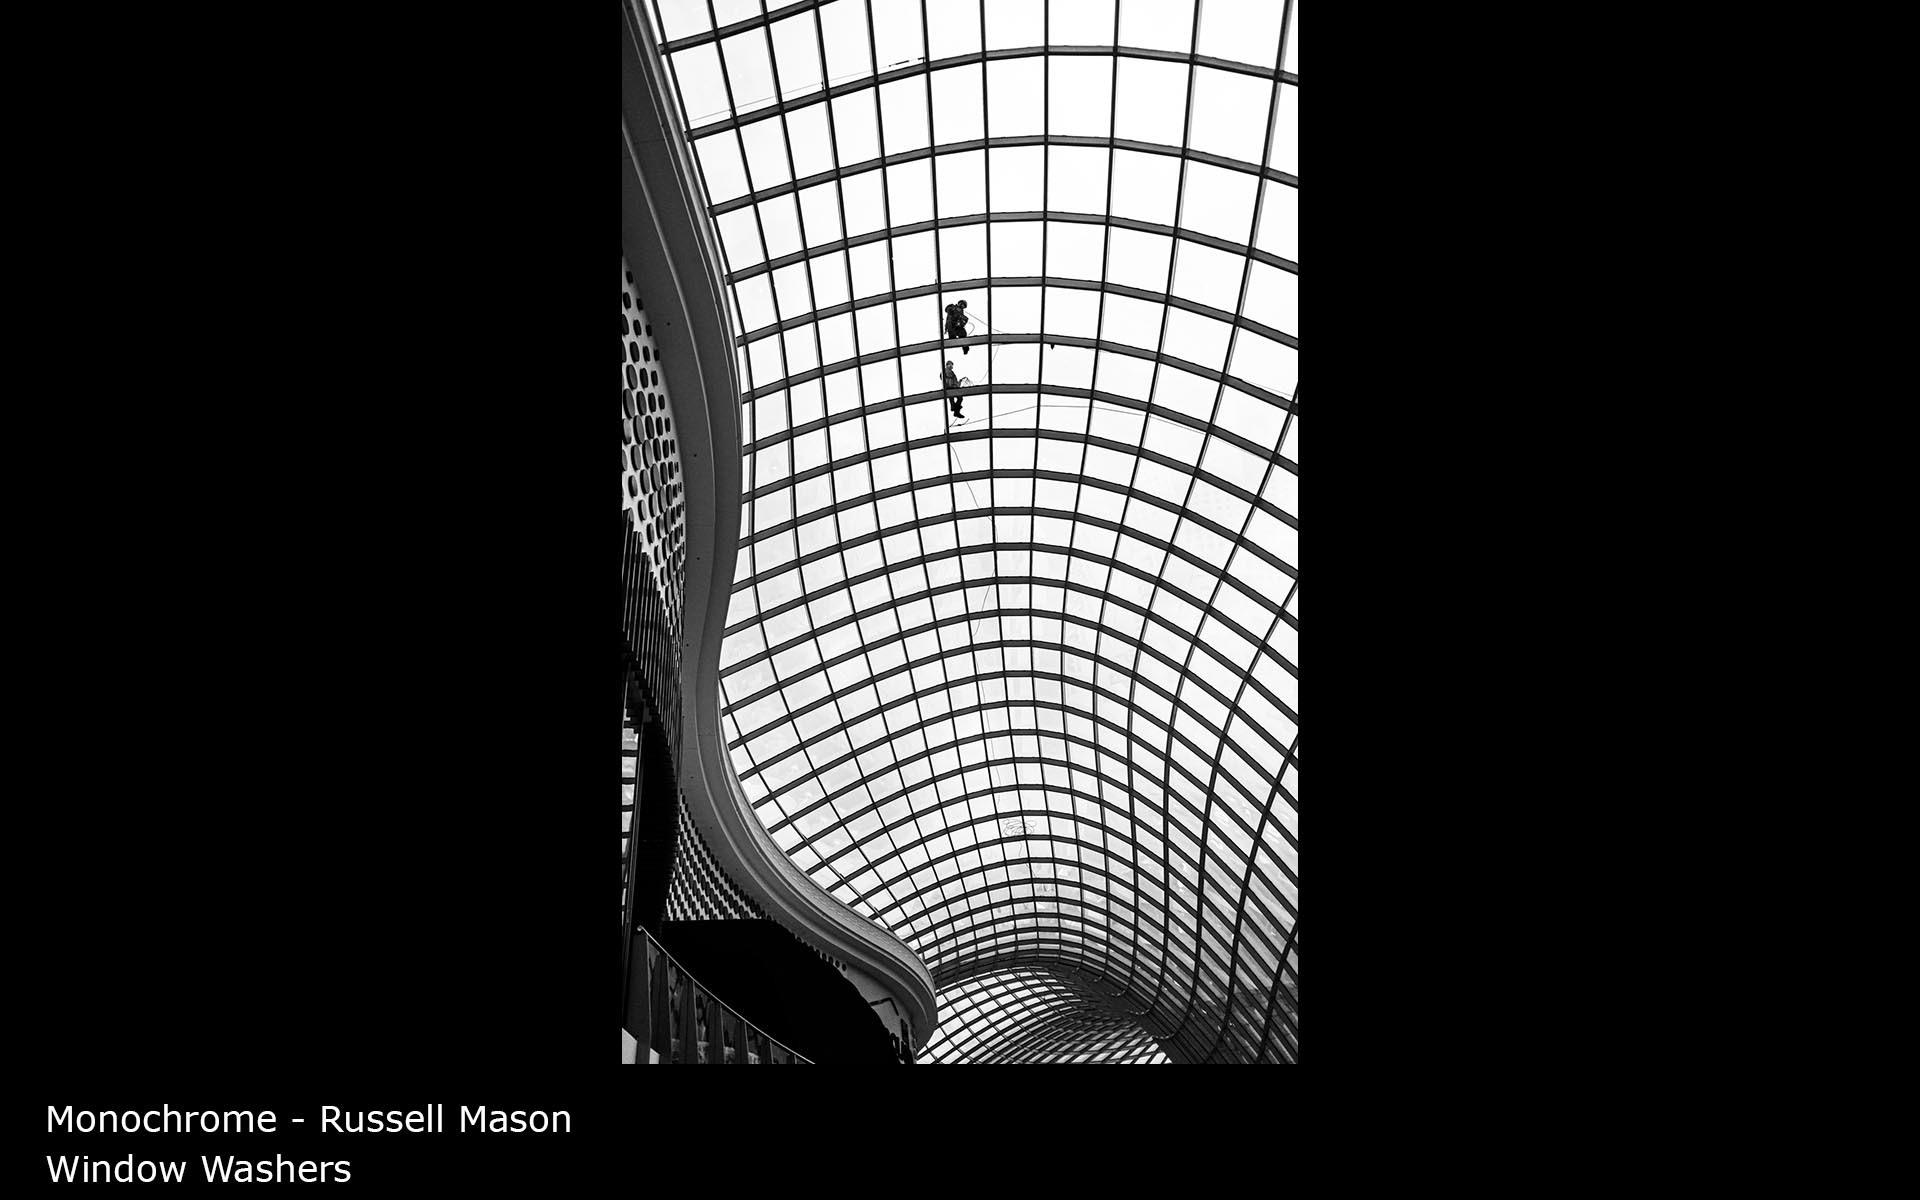 Window Washers - Russell Mason